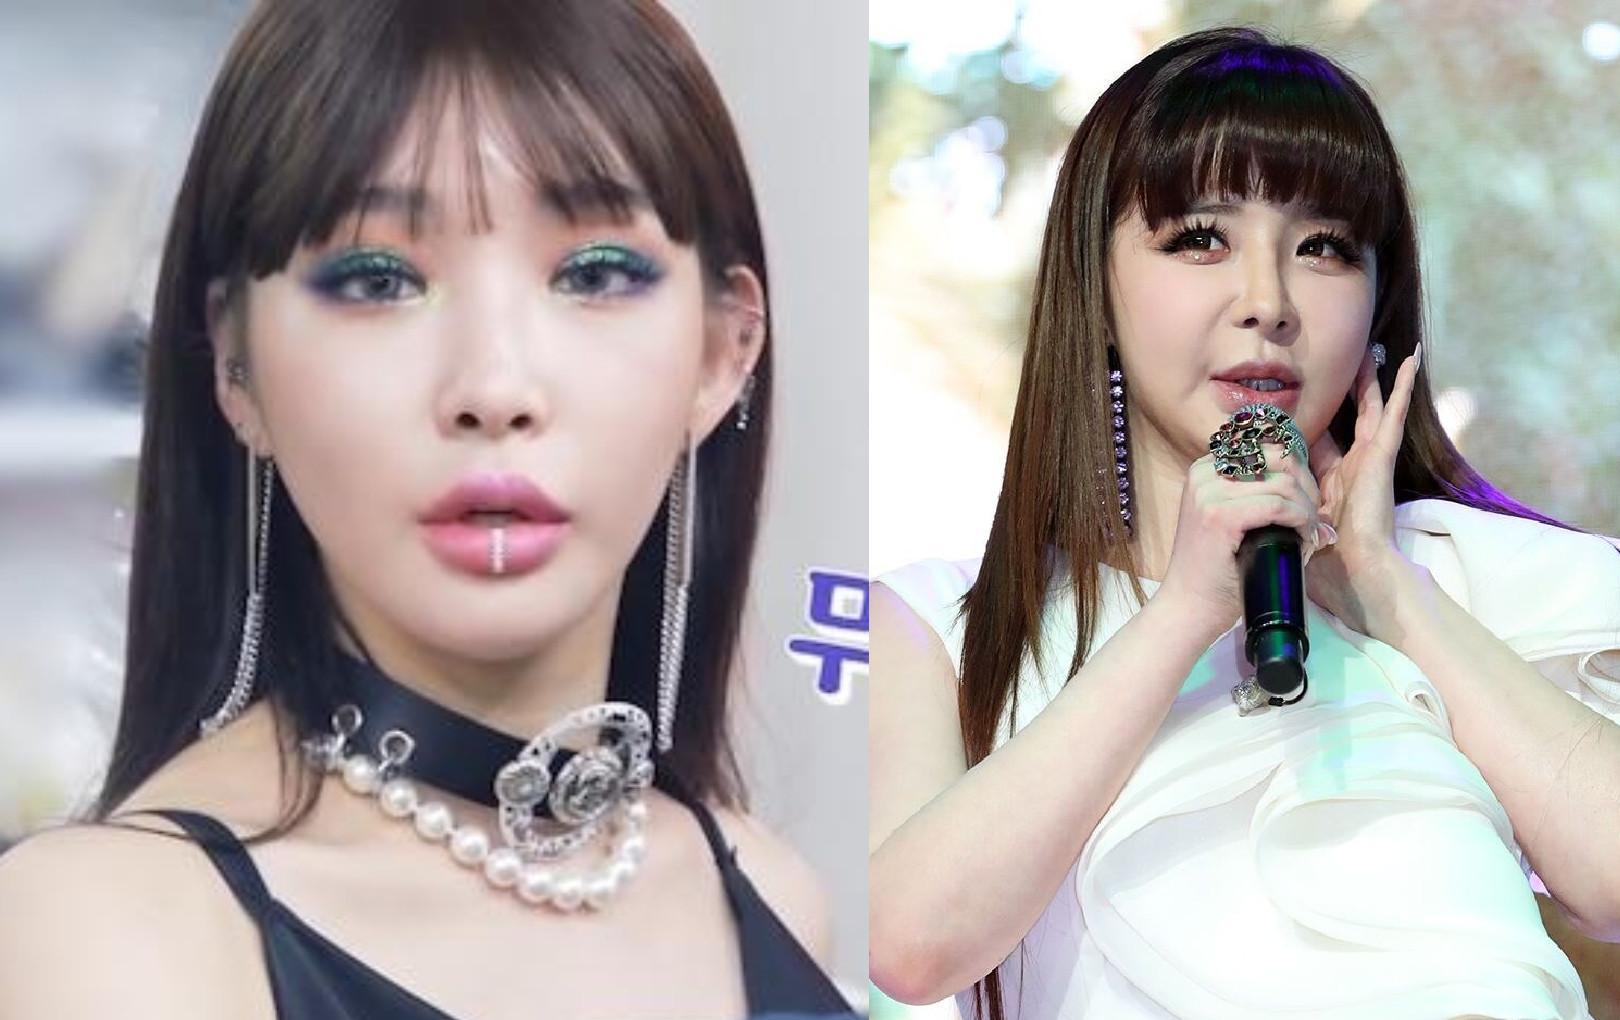 Chungha bị chỉ trích thậm tệ vì lộ mặt sưng phồng, cứng đơ, chẳng khác gì Park Bom